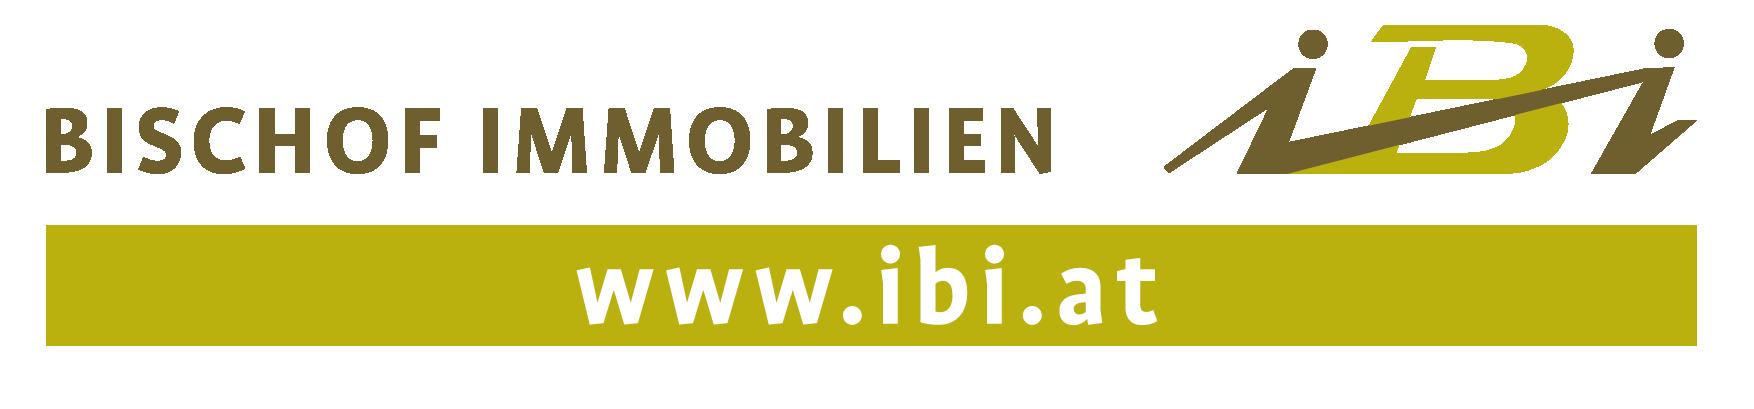 https://www.endurosenioren.at/wp-content/uploads/2020/02/ibi_logo_2c_www.png